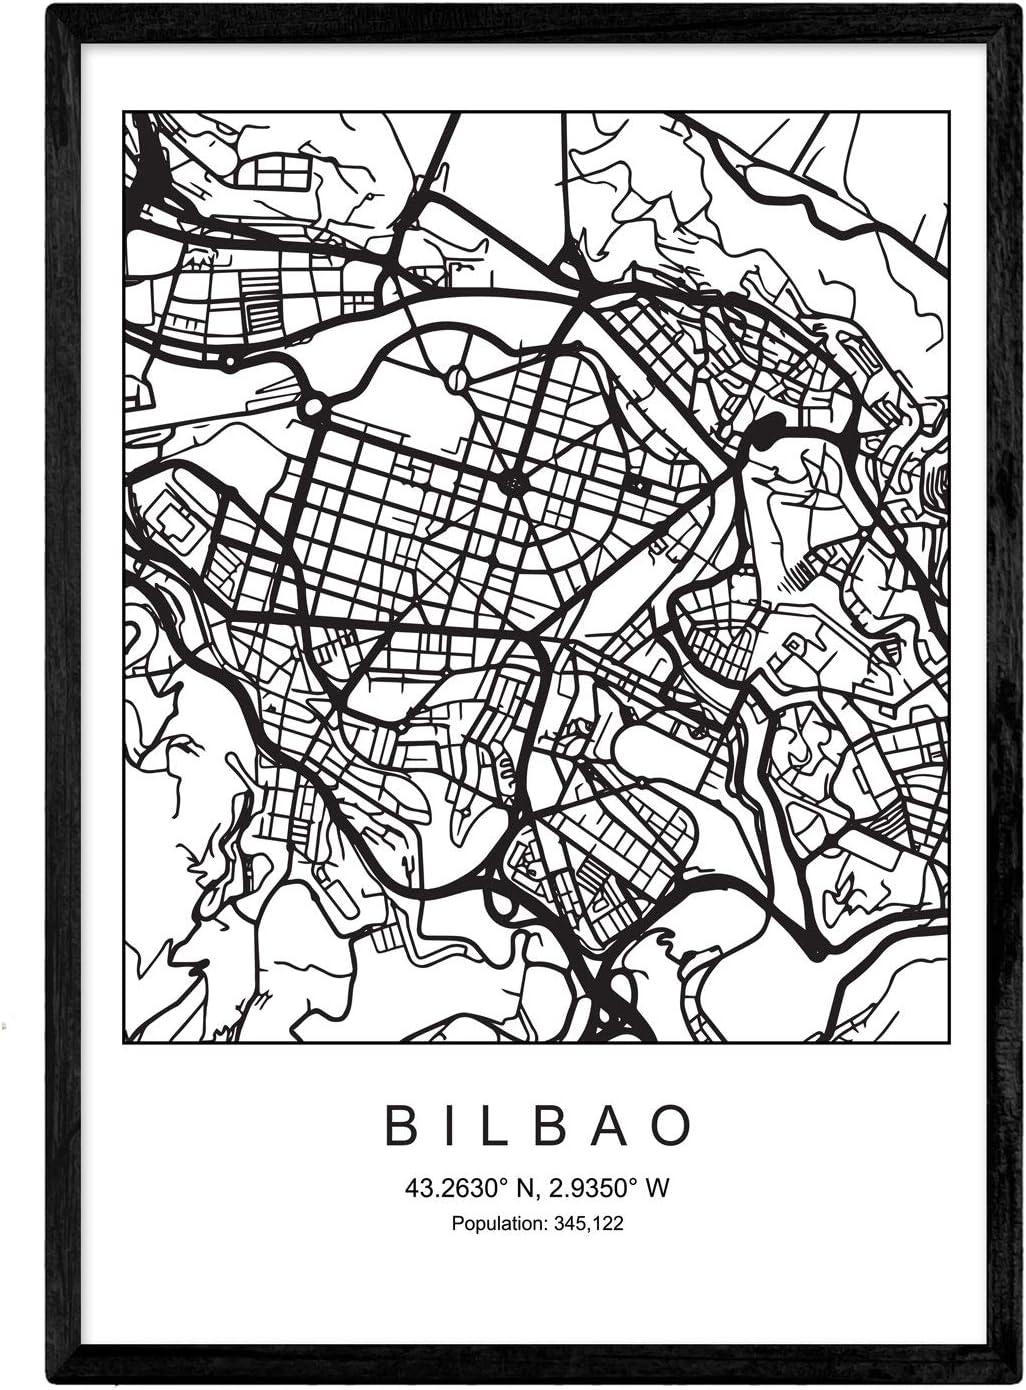 Lámina Mapa de Bilbao Estilo minimalista